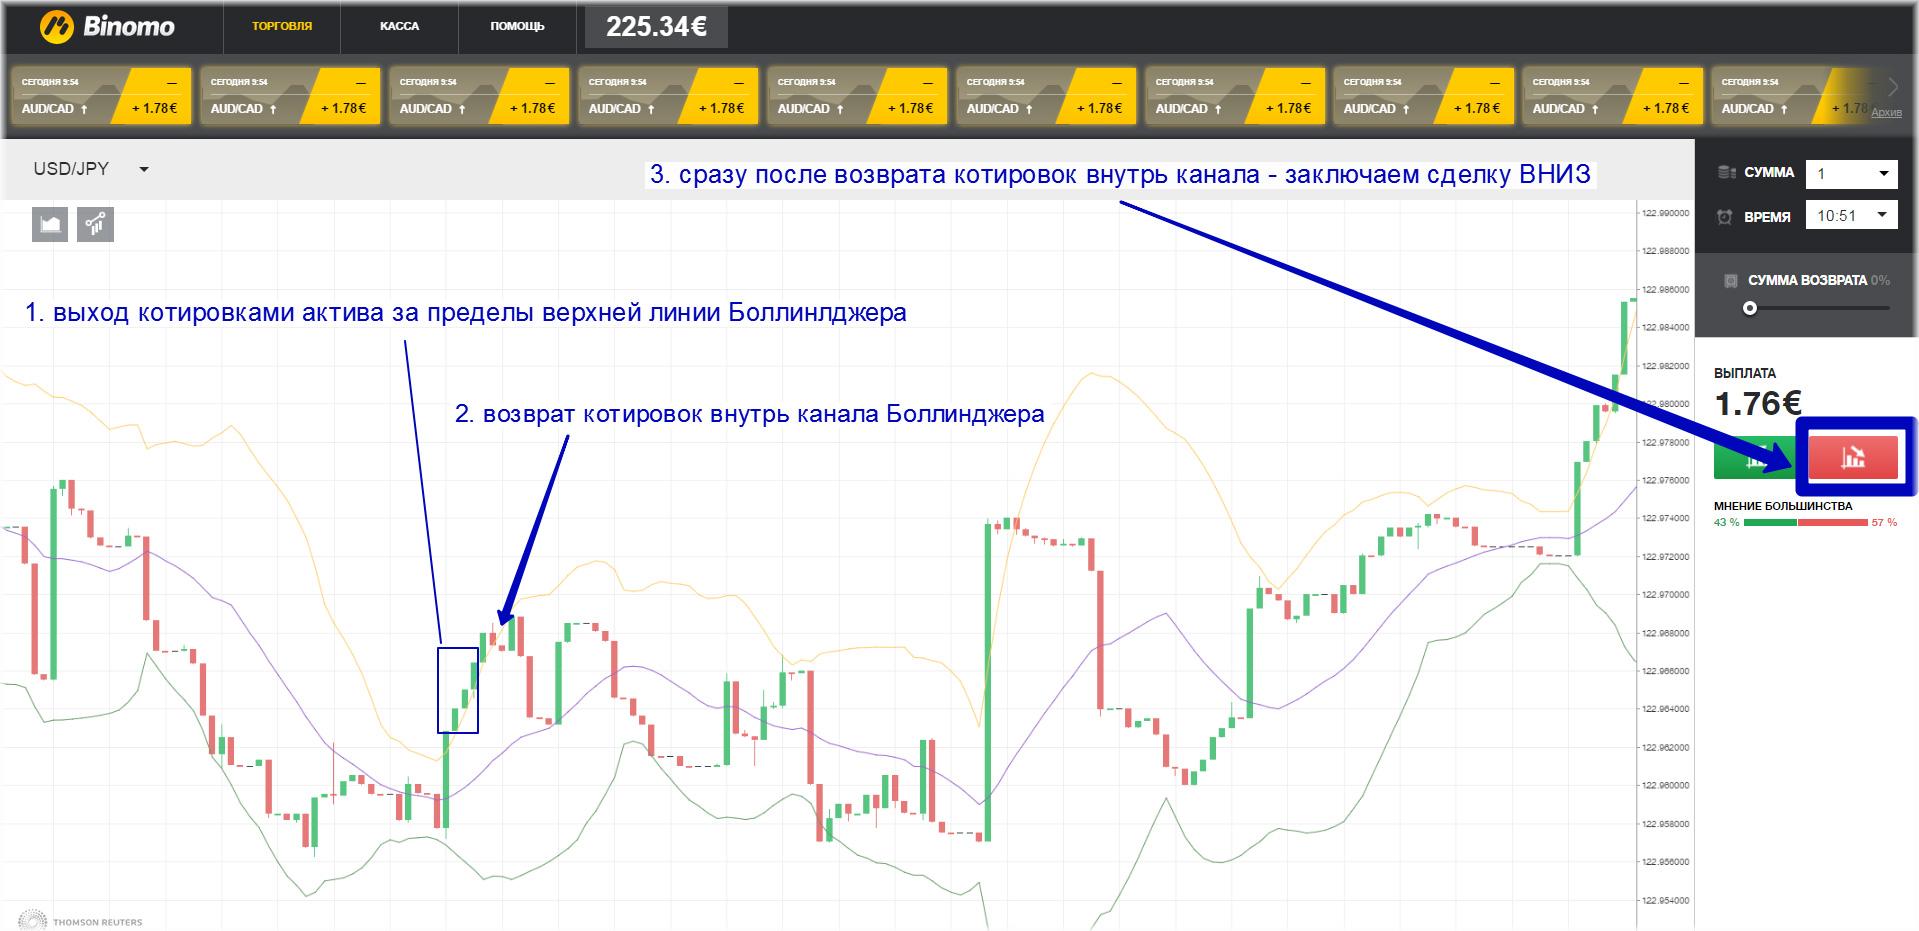 Bināro Opciju Stratēģija Kas Darbojas Bināro Opciju Signāli | Bināro Opciju naudas atmaksa